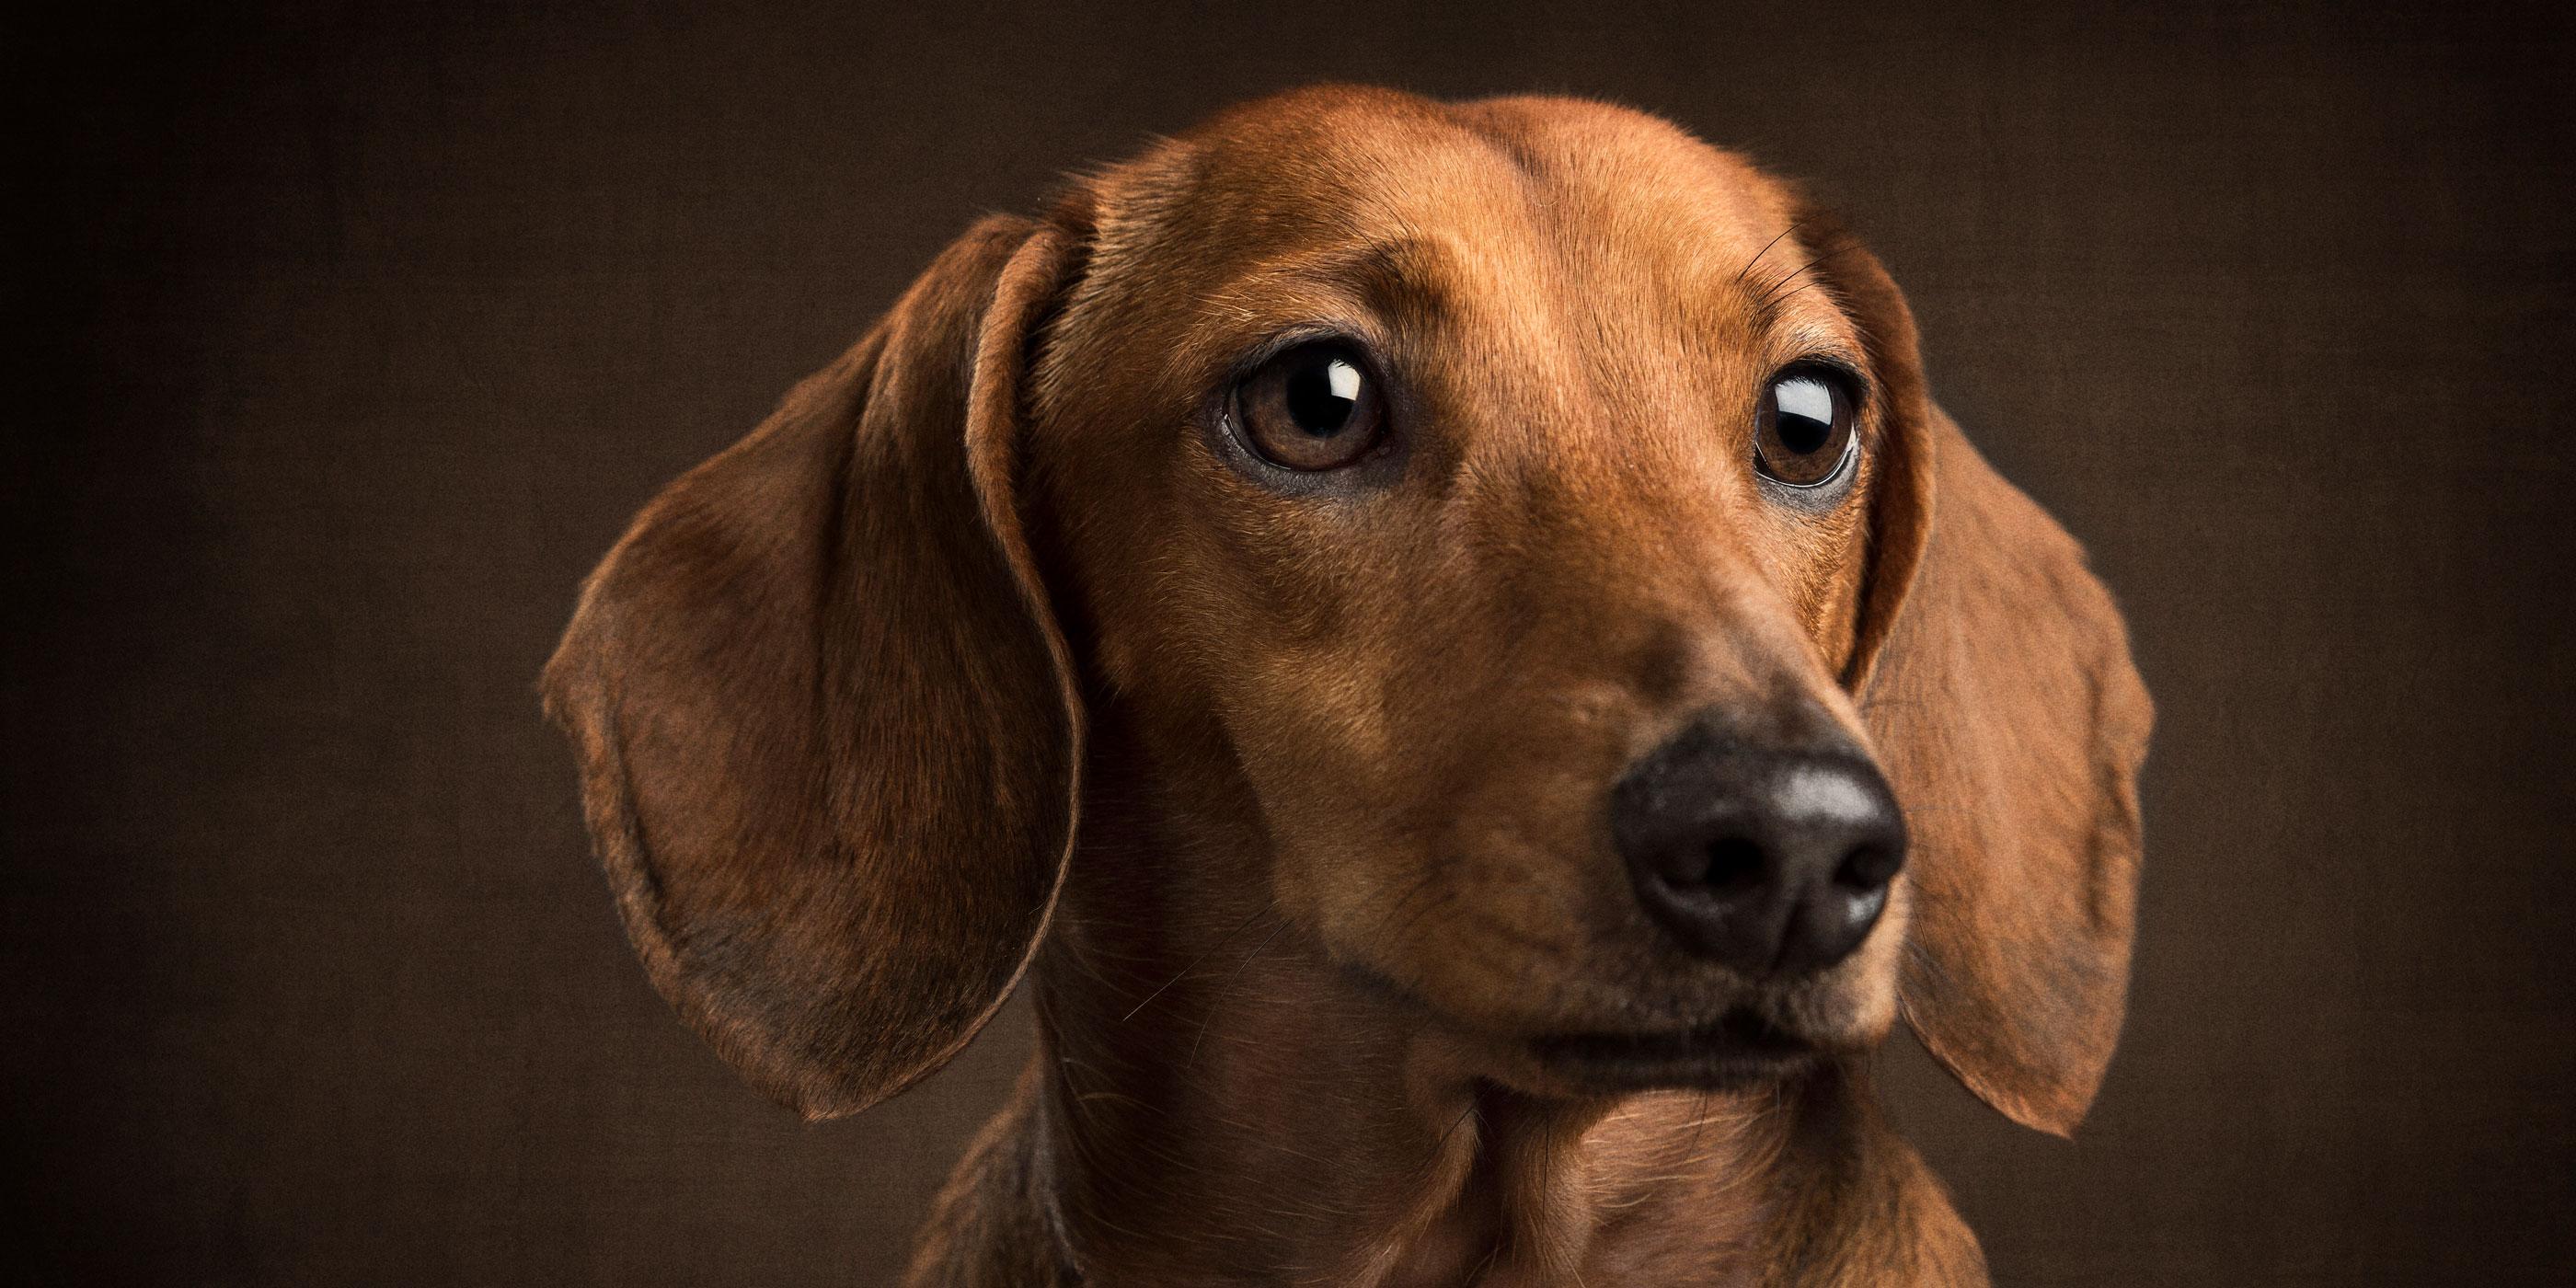 pretty angelic tan dachshund